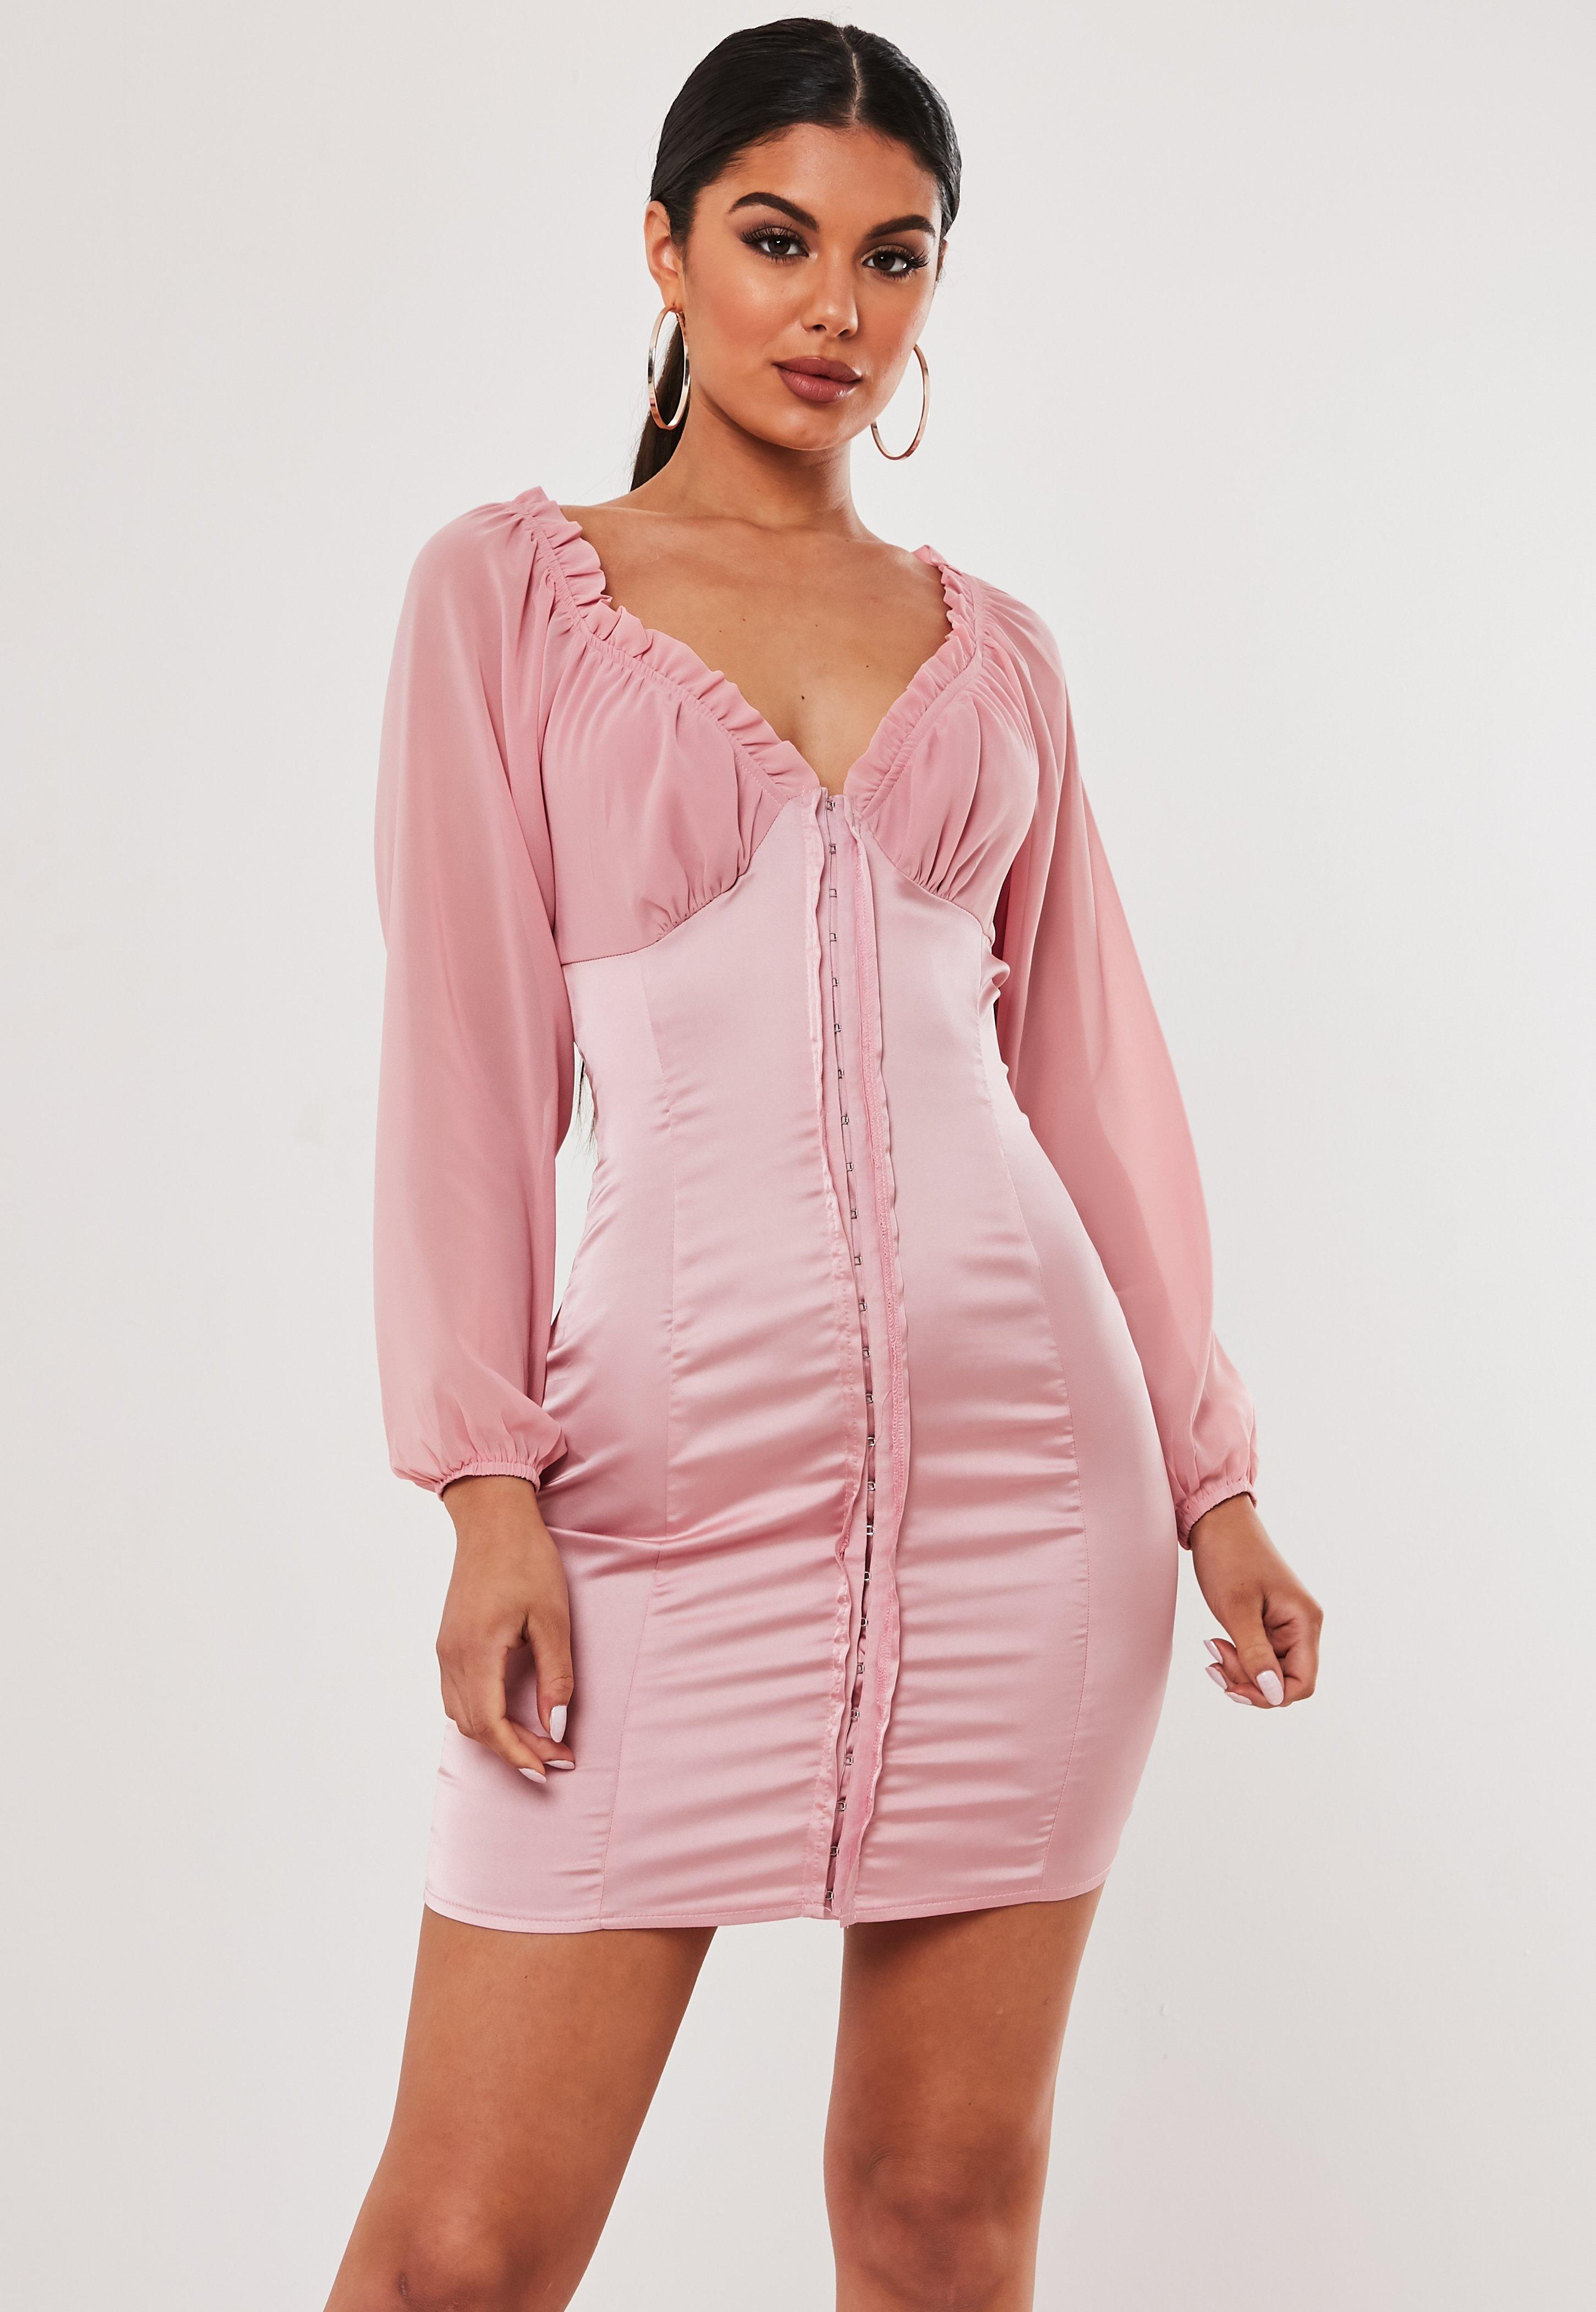 le dernier 22f55 f048a Robe courte rose en satin à oeillets Stassie x Missguided